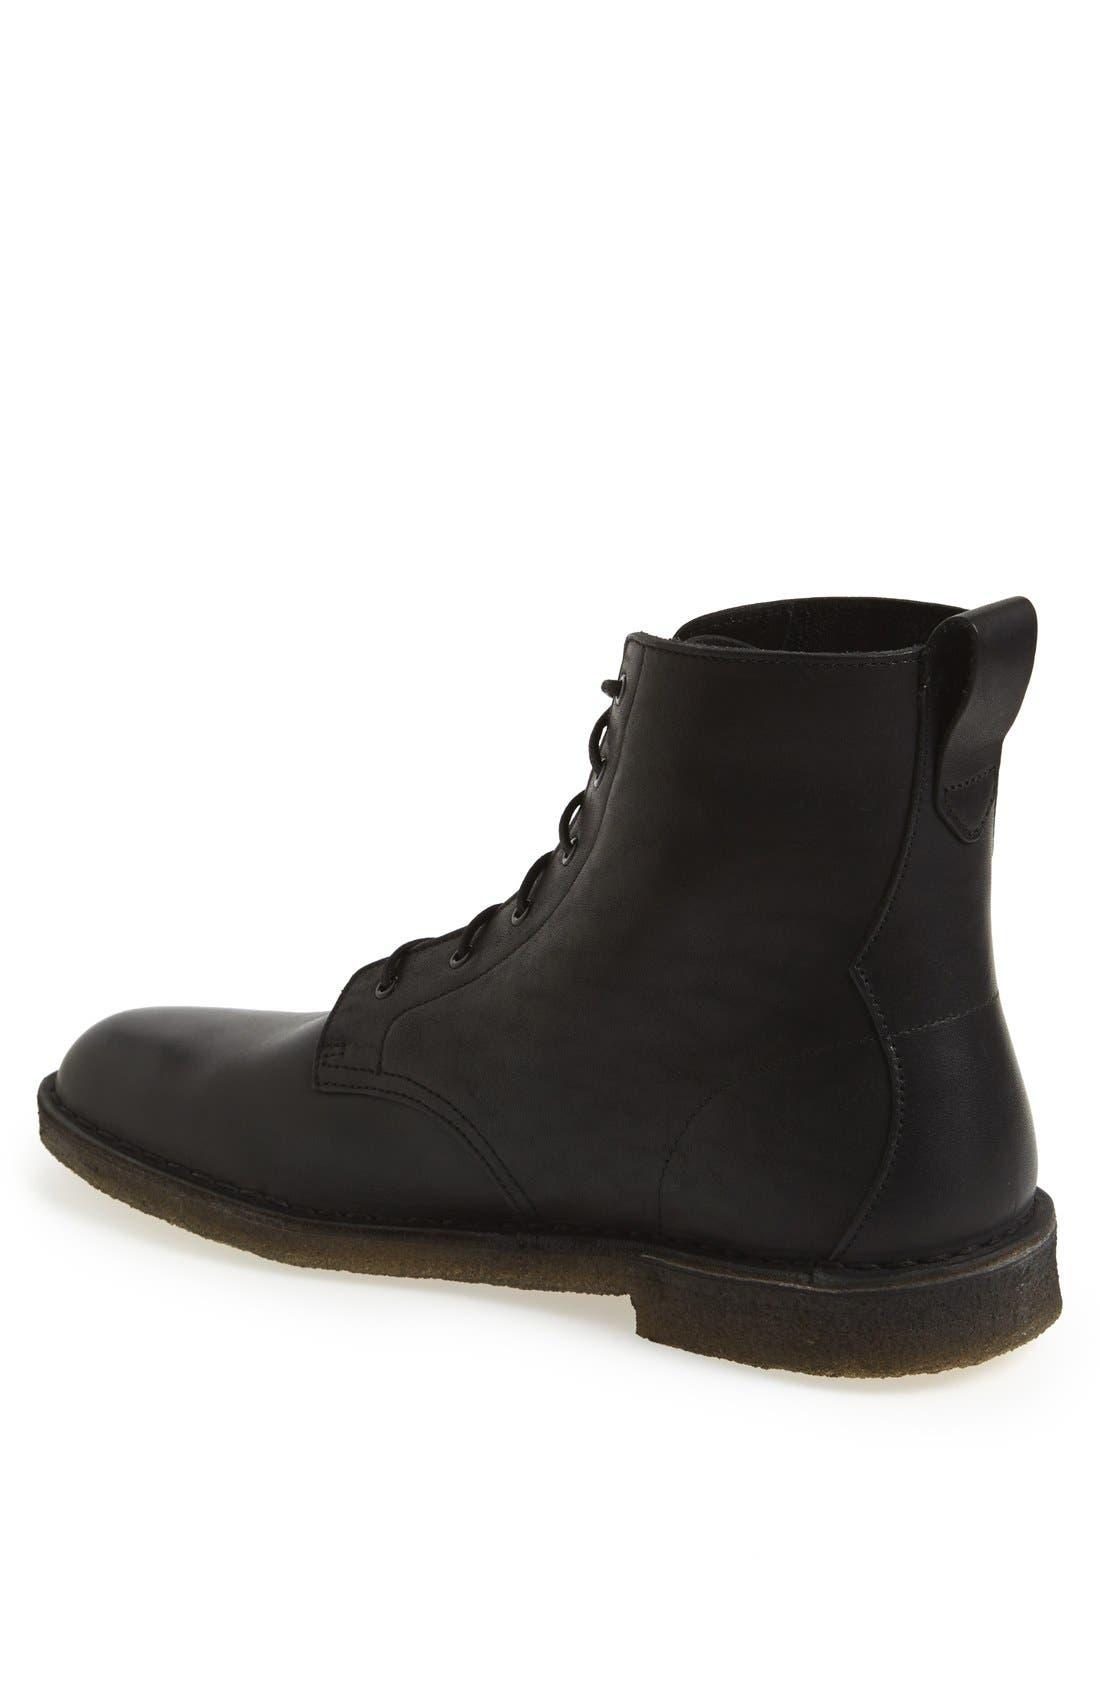 Alternate Image 2  - Clarks 'Desert Mali' Plain Boot (Men)